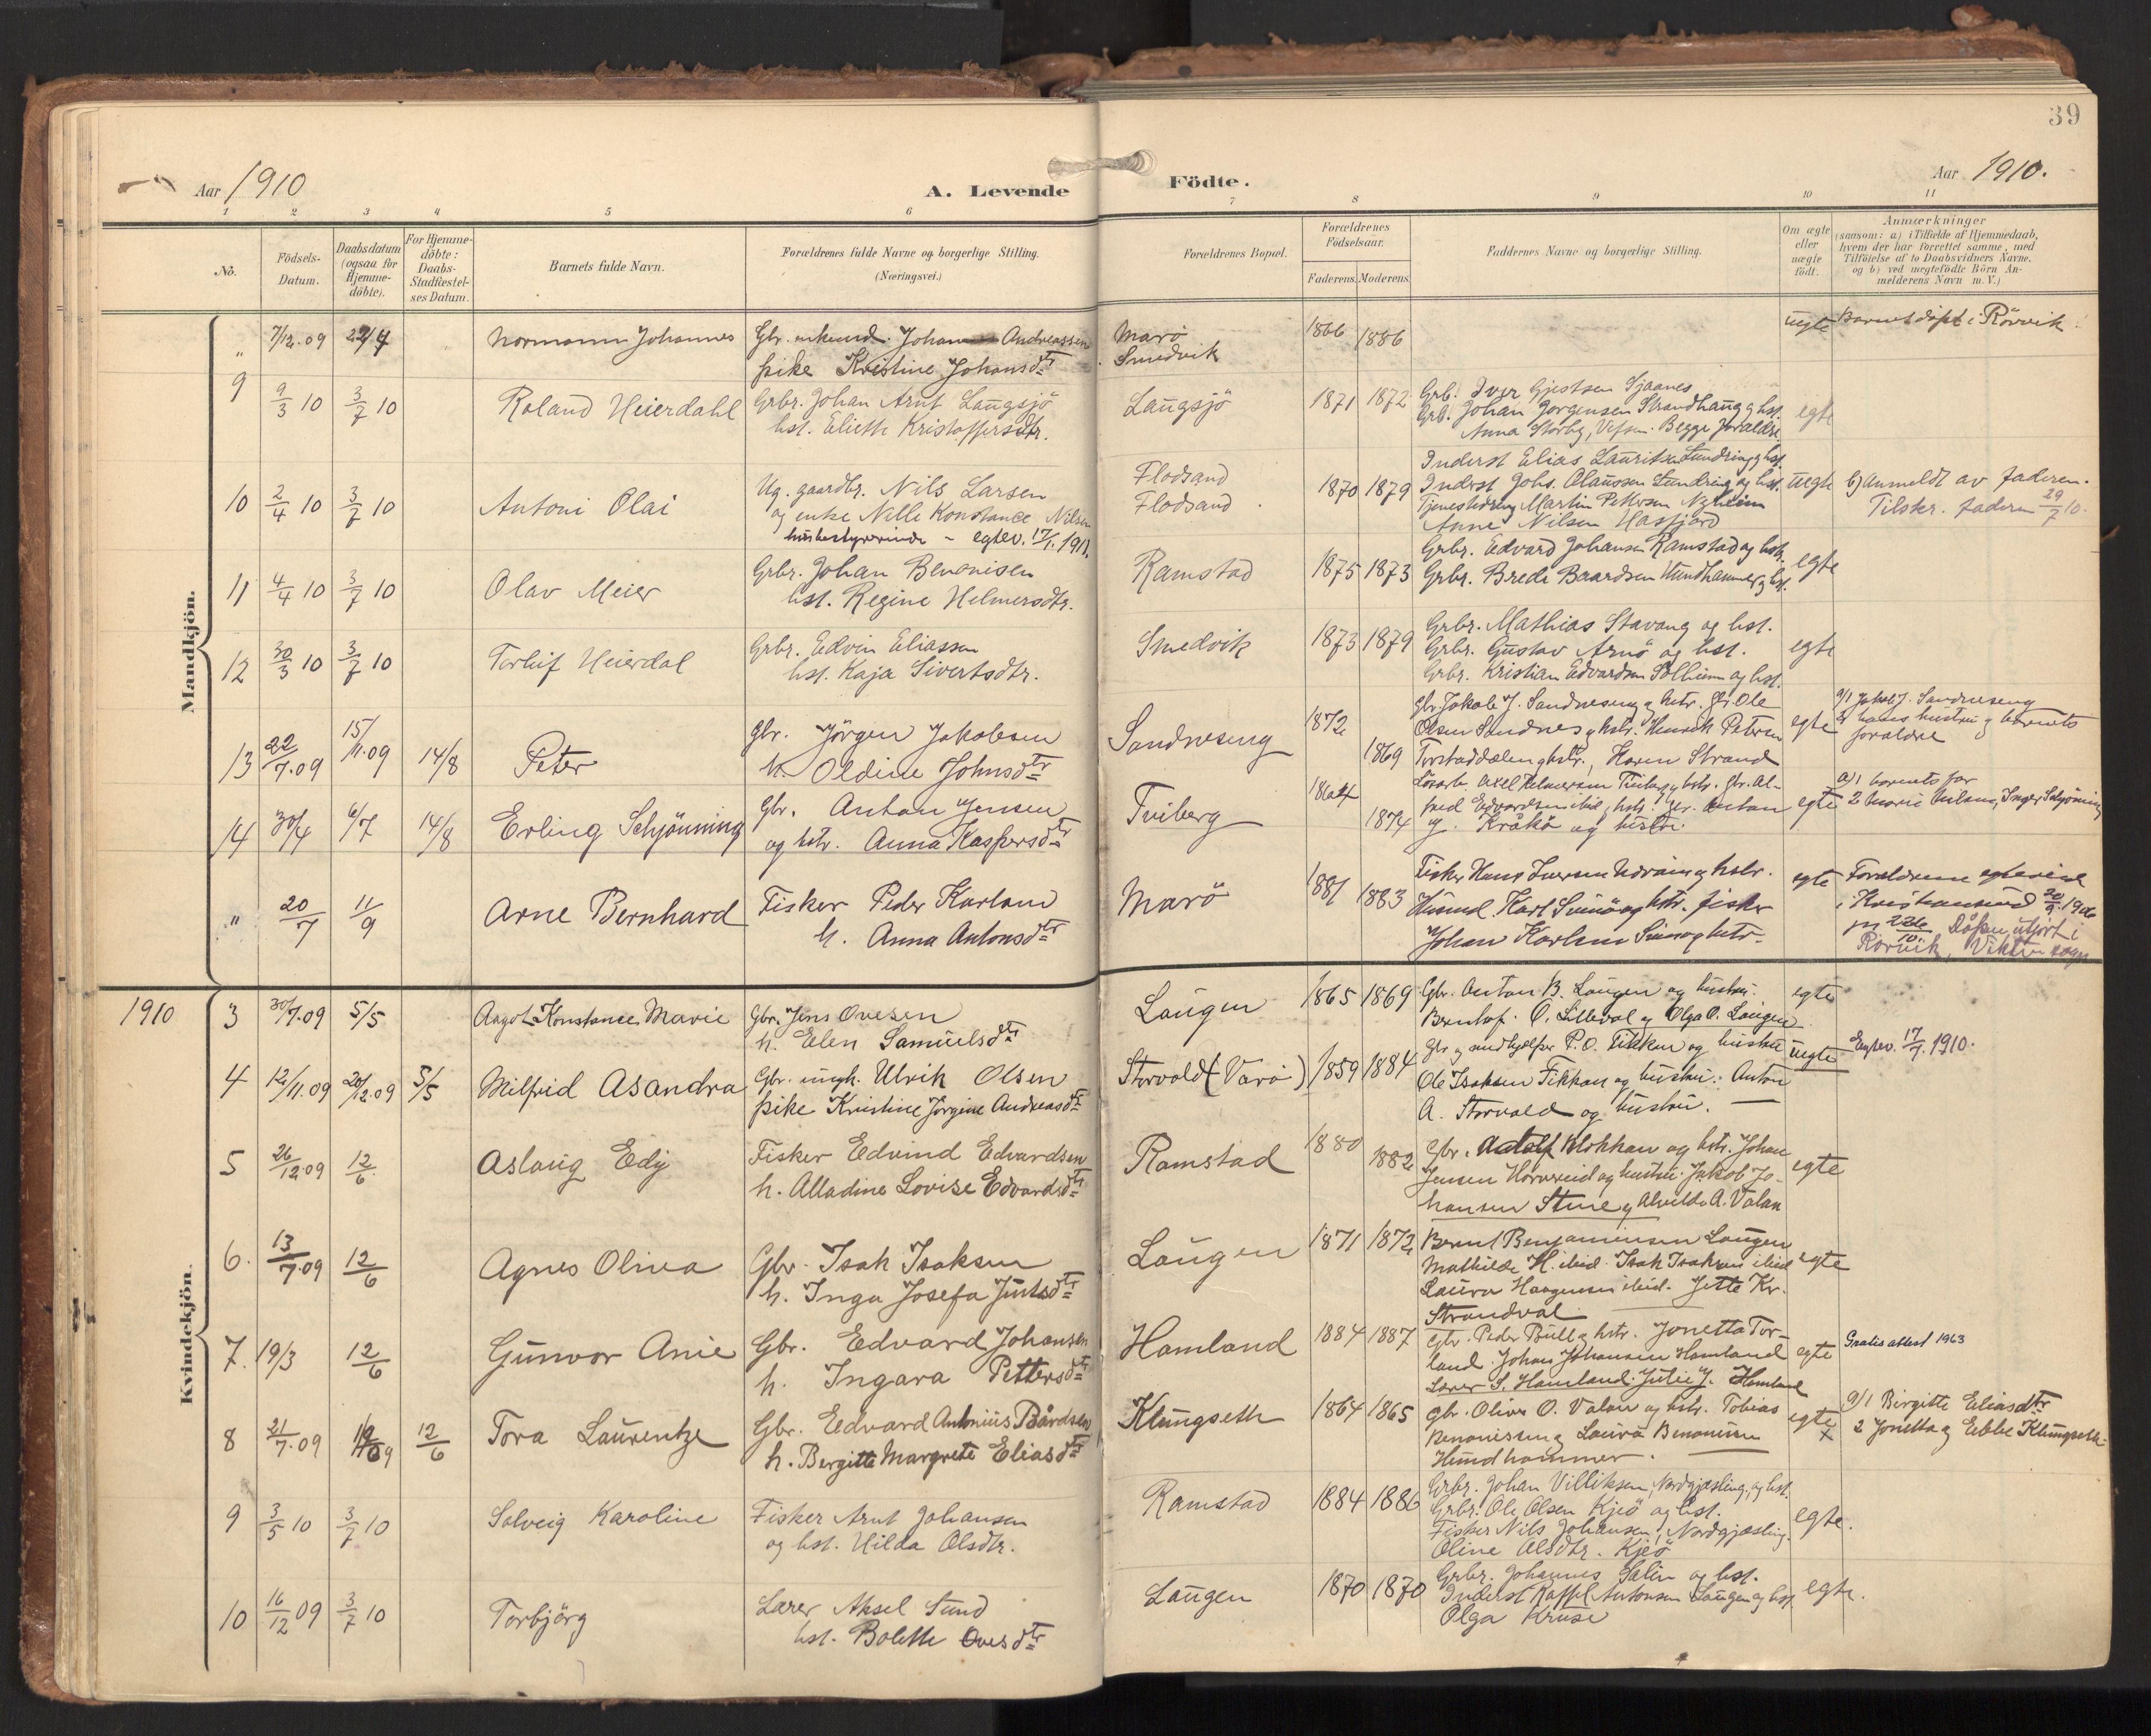 SAT, Ministerialprotokoller, klokkerbøker og fødselsregistre - Nord-Trøndelag, 784/L0677: Ministerialbok nr. 784A12, 1900-1920, s. 39